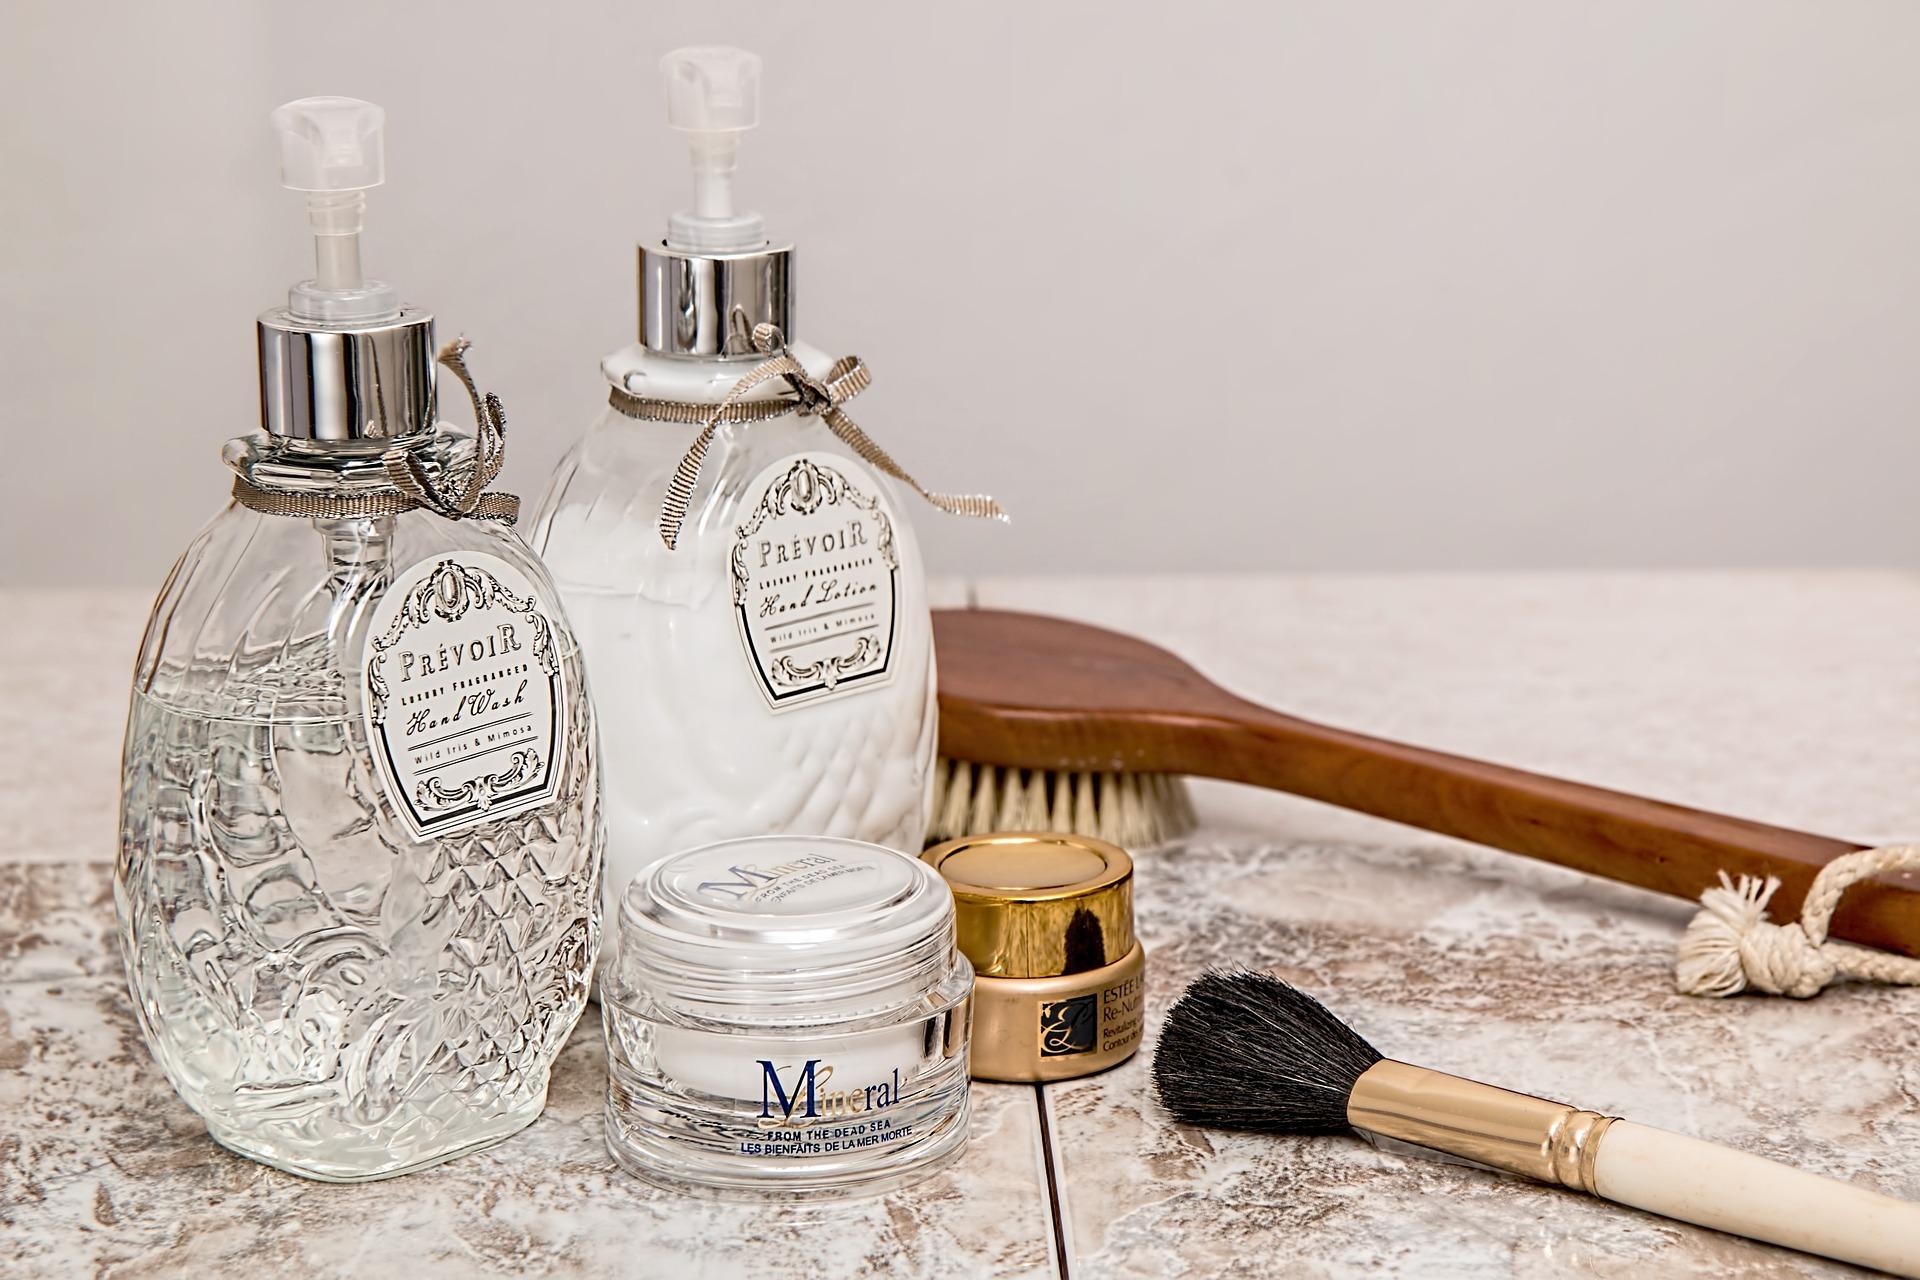 hygiene-870763_1920.jpg